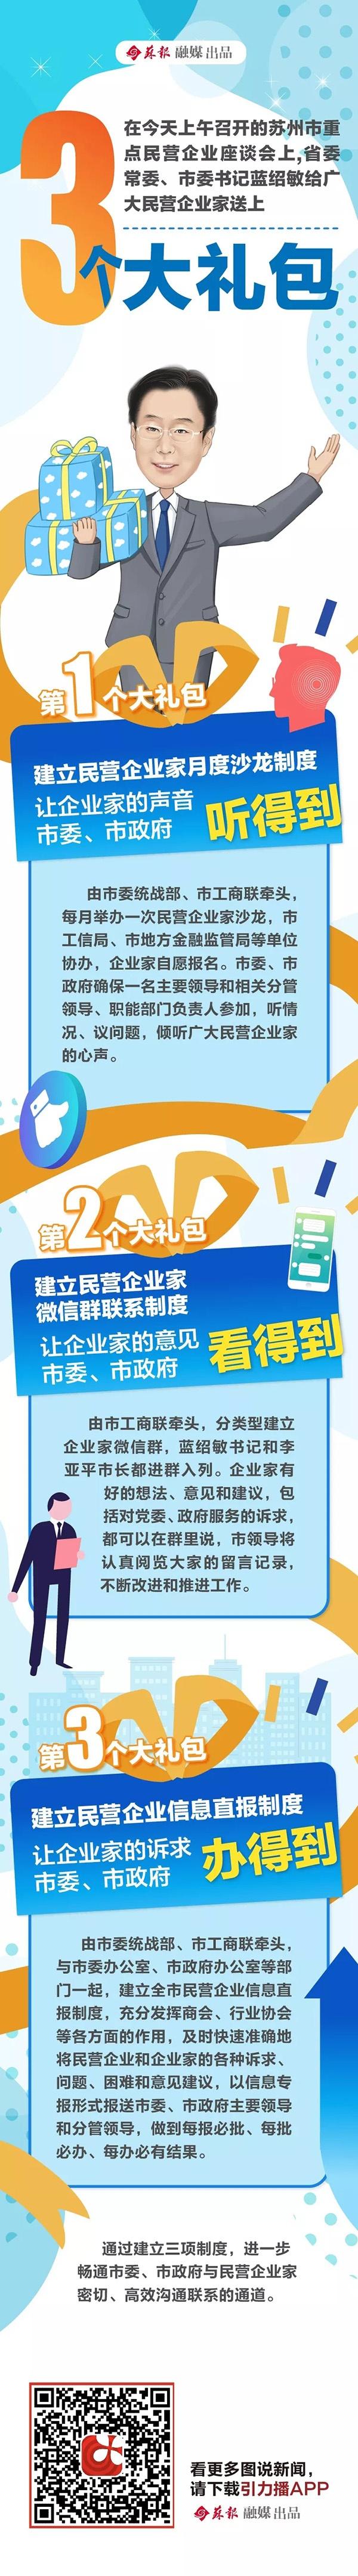 威尼斯人真人娱乐送28_刘晓庆为小姐妹展示练书法,网友:为什么不敢晒字?